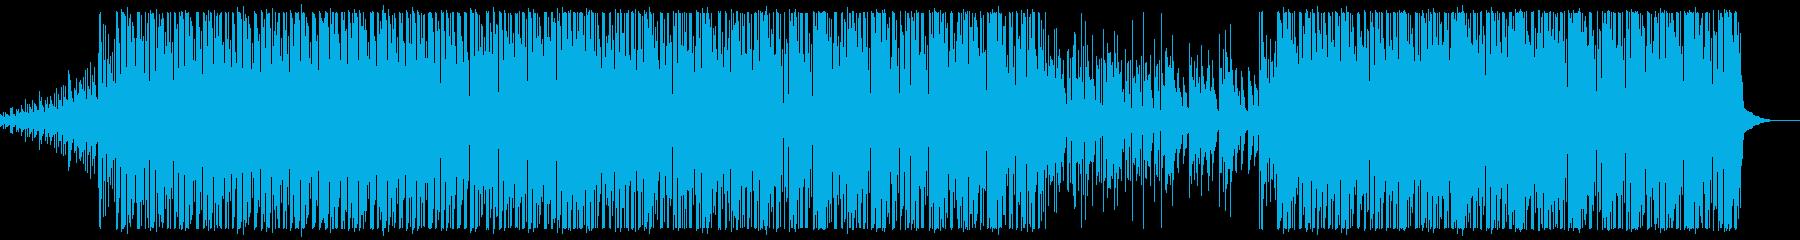 爽やかで運動時にぴったりトロピカルハウスの再生済みの波形